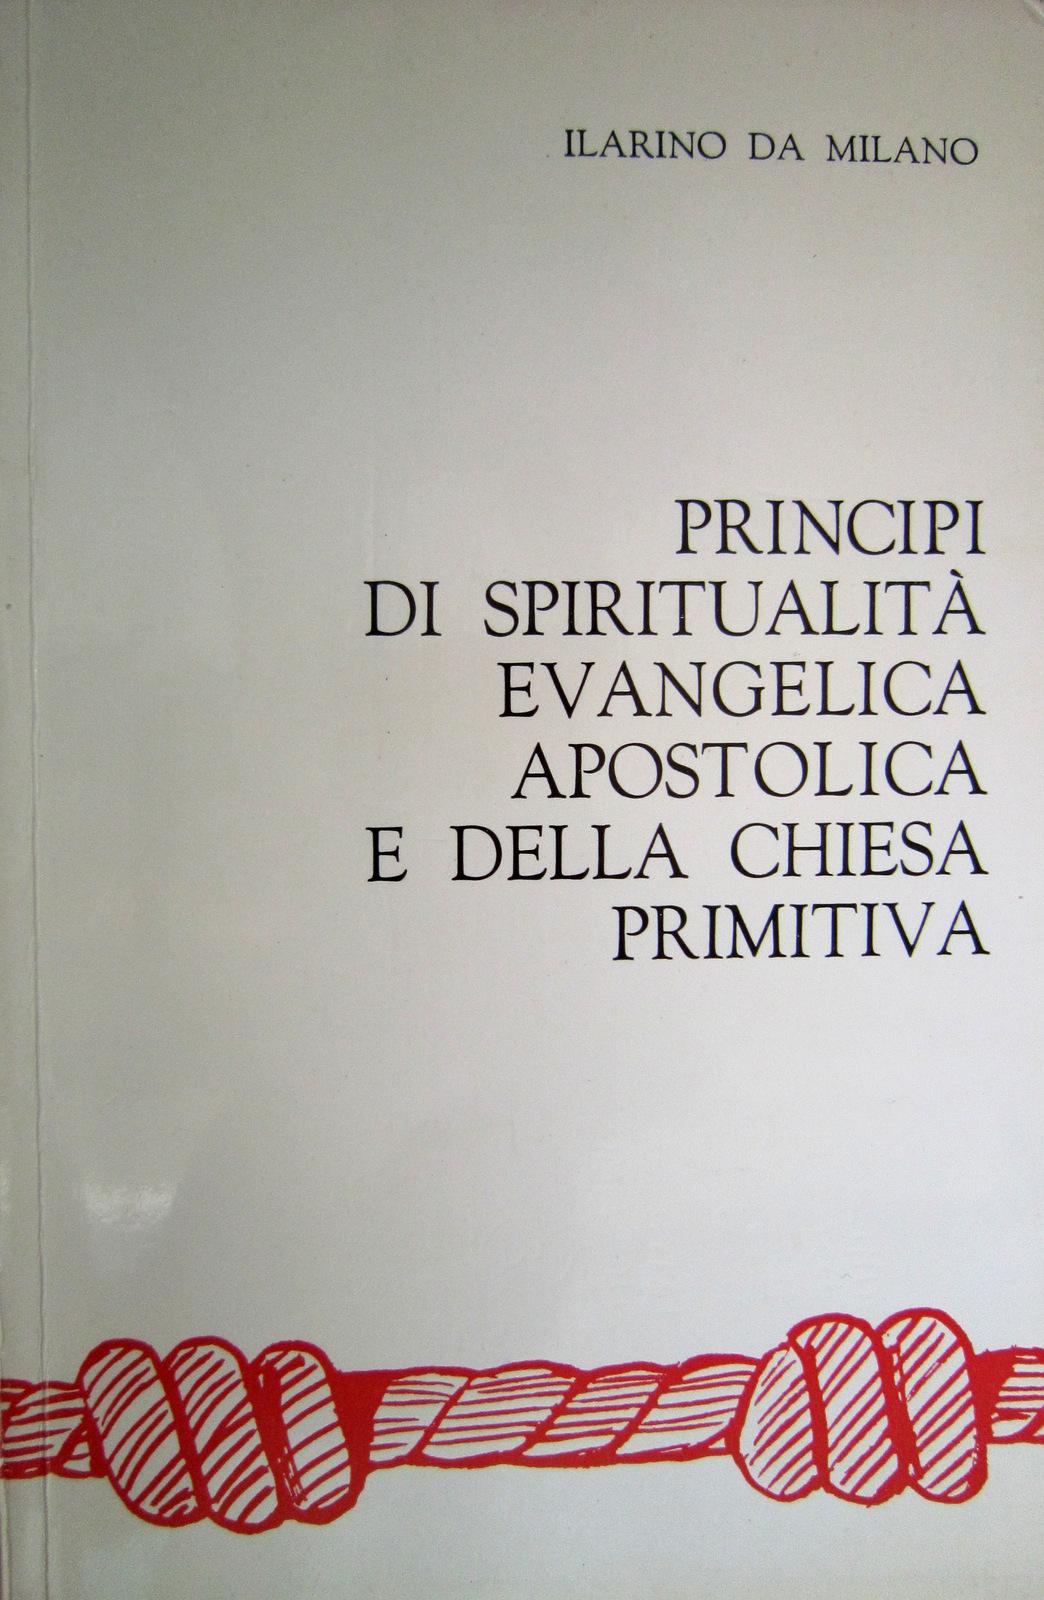 Principi di spiritualità evangelica apostolica e della chiesa primitiva